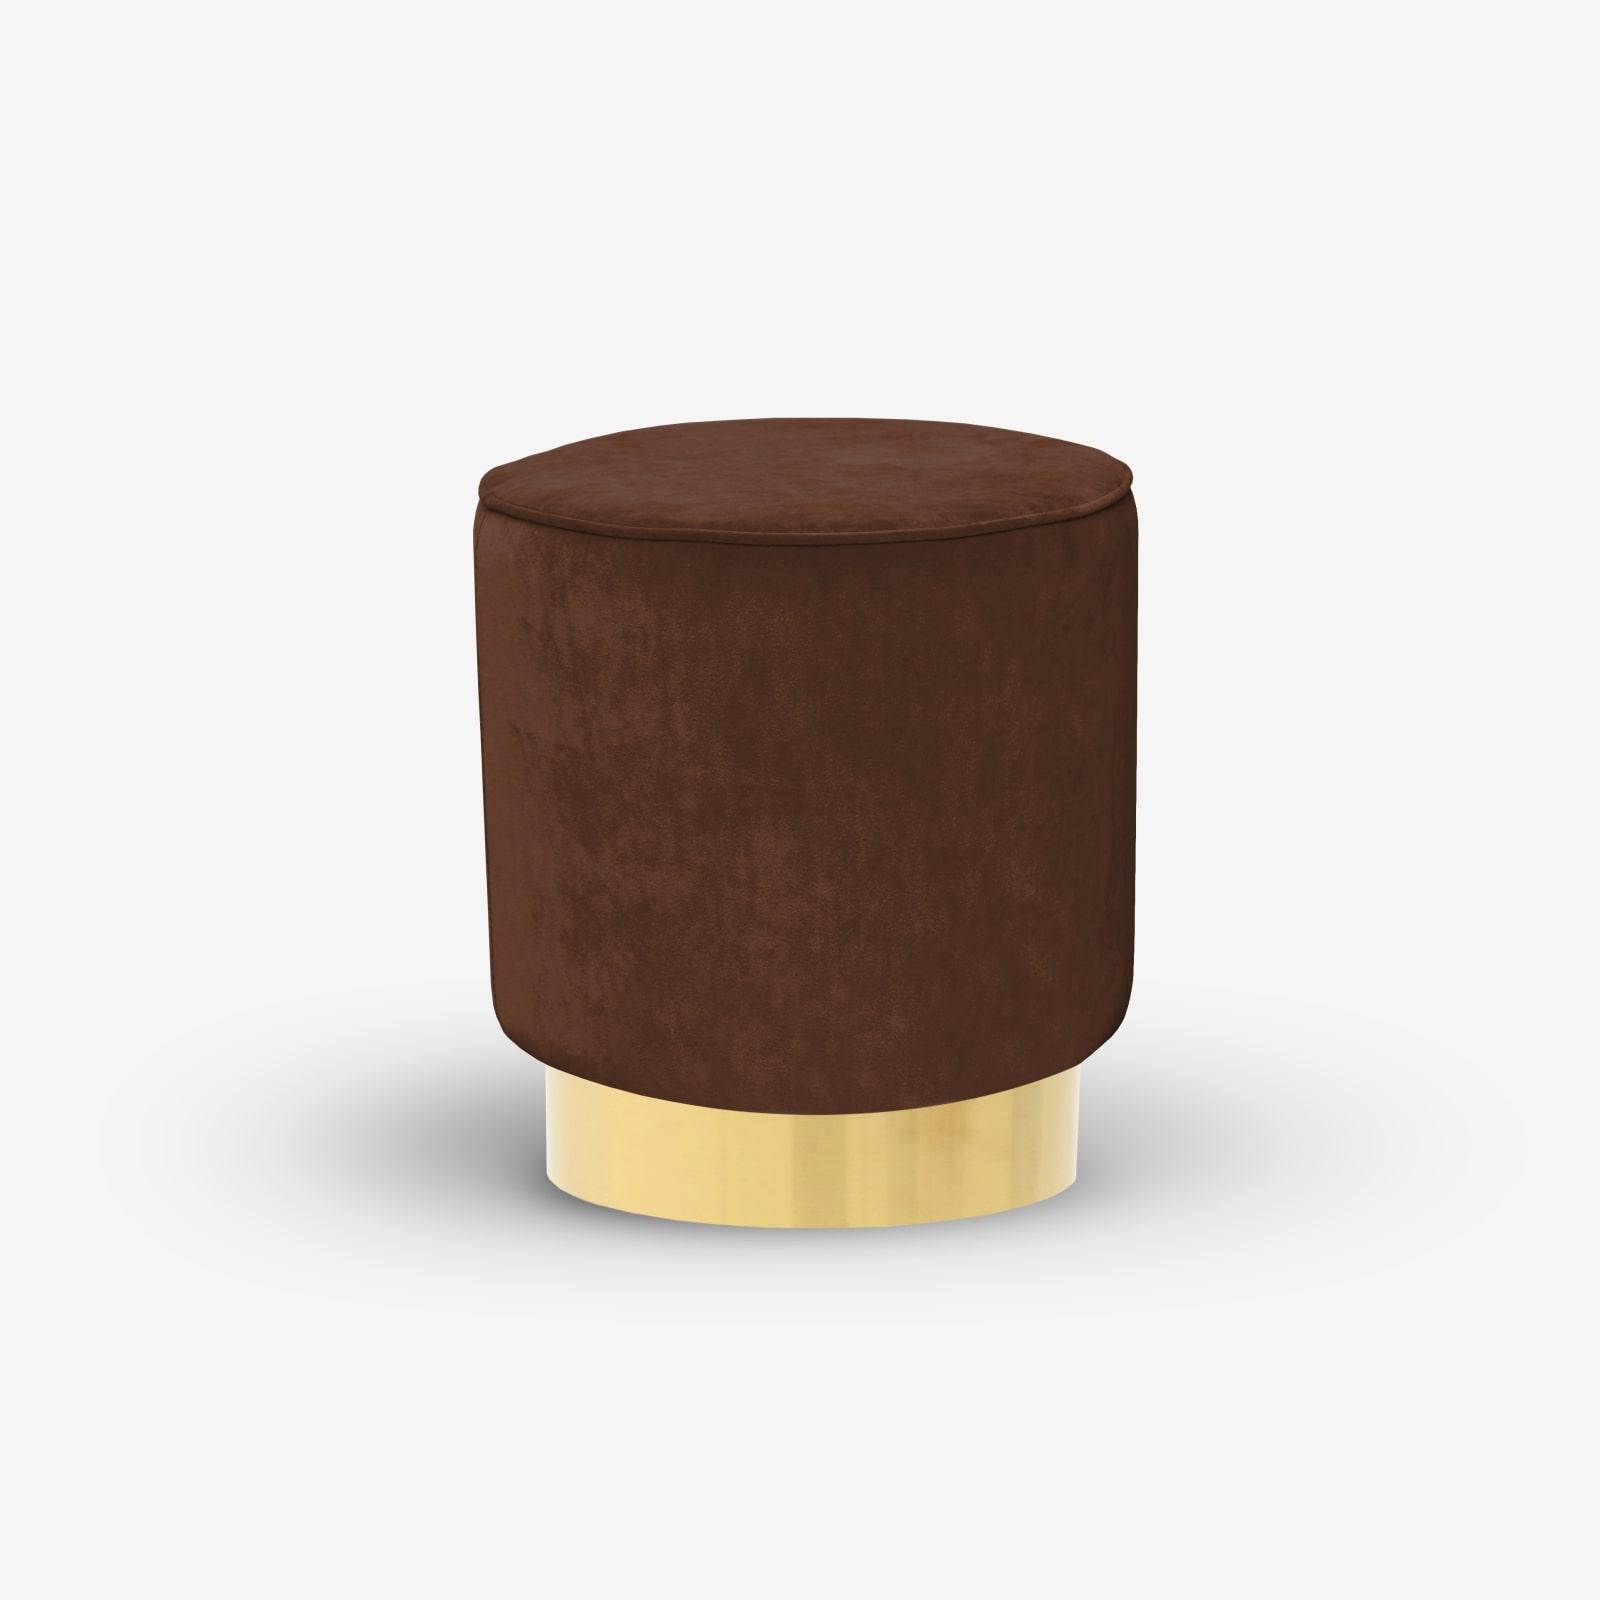 produzione-pouf-in-velluto-liscio-e-oro-pouf-in-metallo-oro-pouf-in-velluto-per-arredamento-contract-pouf-per-ristoranti-pouf-arredamento-bar-alberghi-negozi-uffici-OTTO-mol